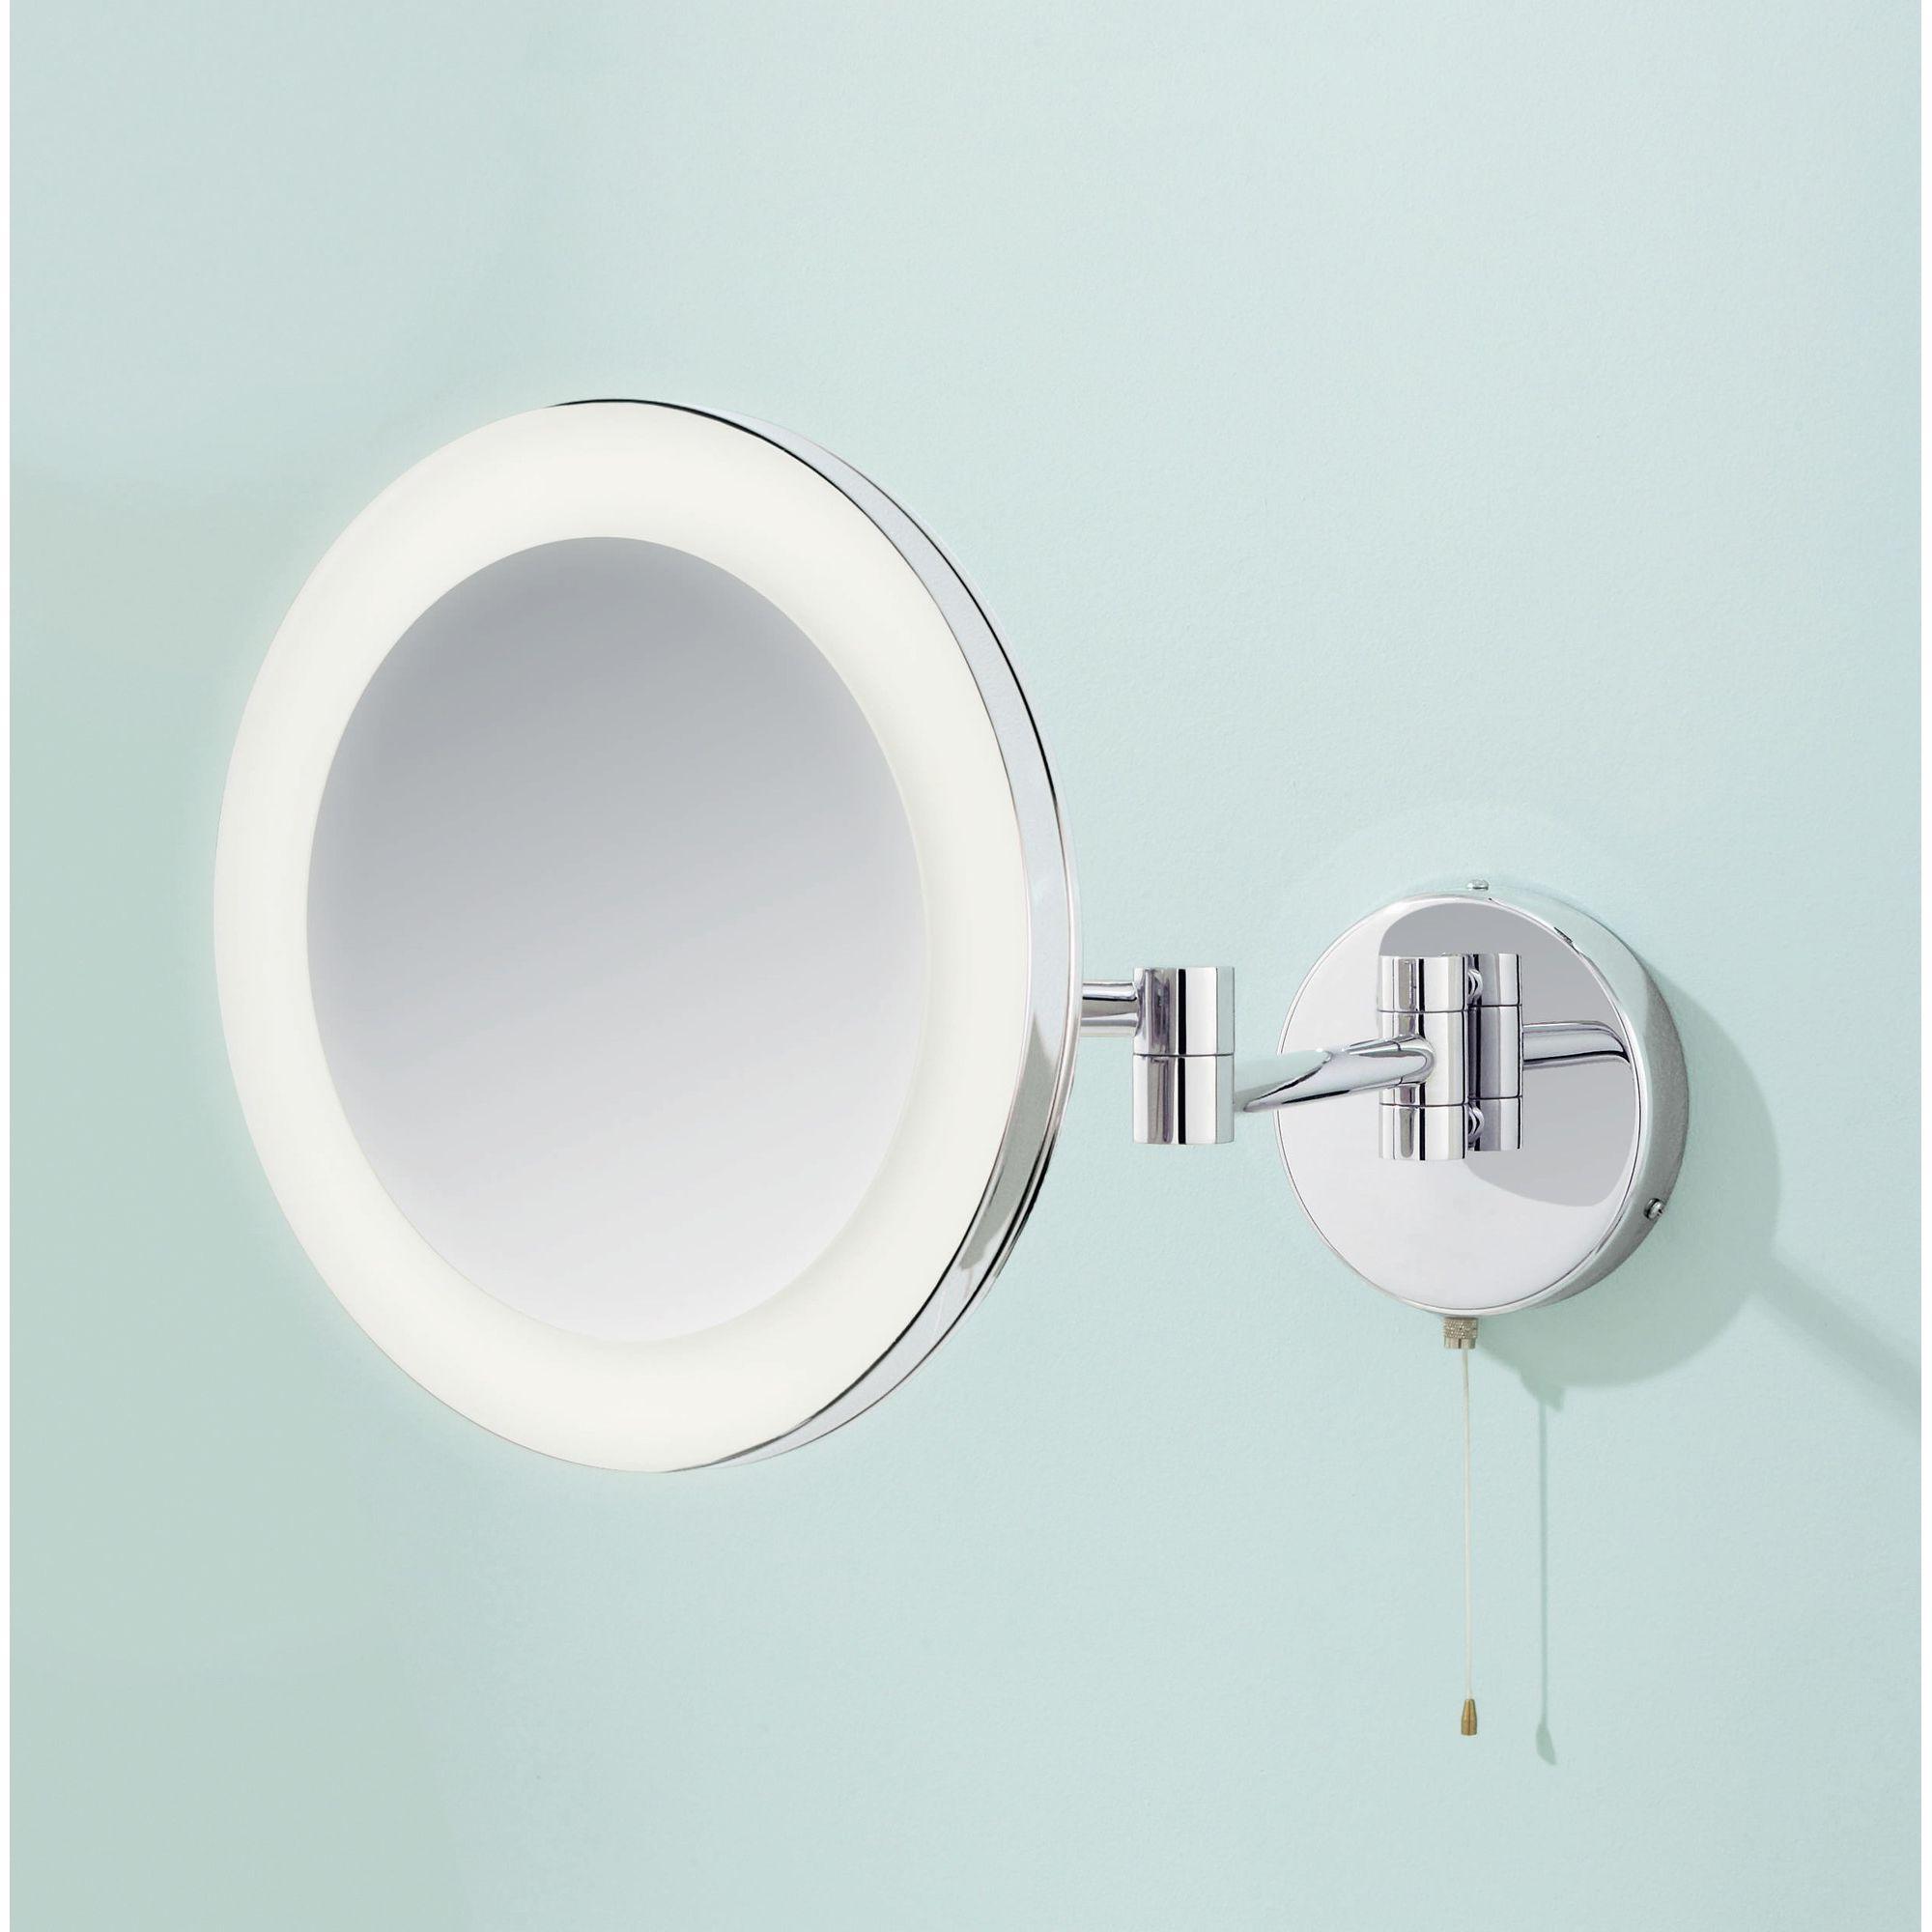 HIB LED Shaving Light at Tesco Direct